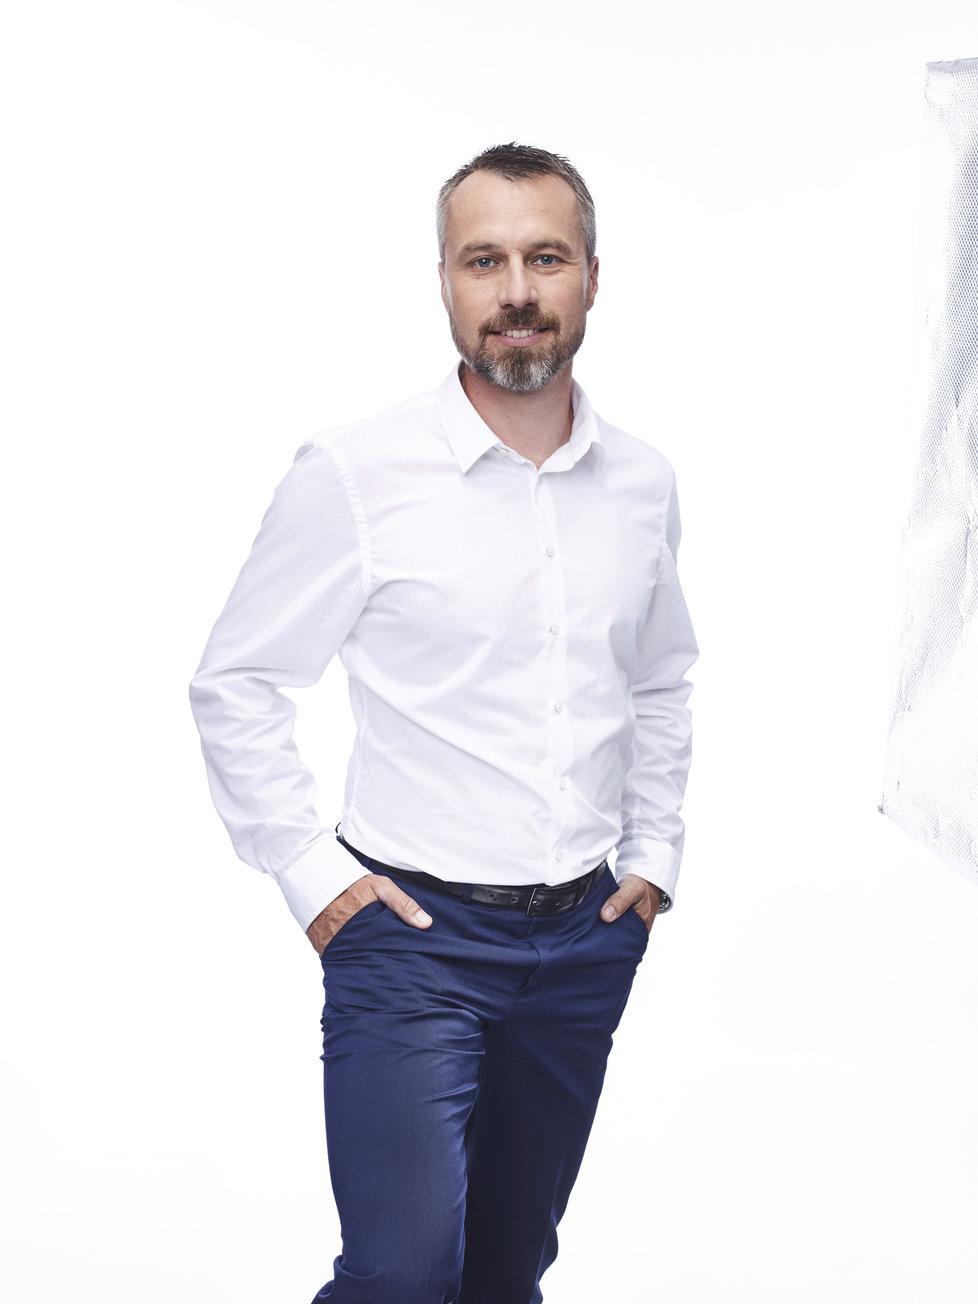 V Šumperku v prvním kole zvítězil Miroslav Adámek (ANO) před současným lidoveckým senátorem, když získal 29,21 procenta hlasů.